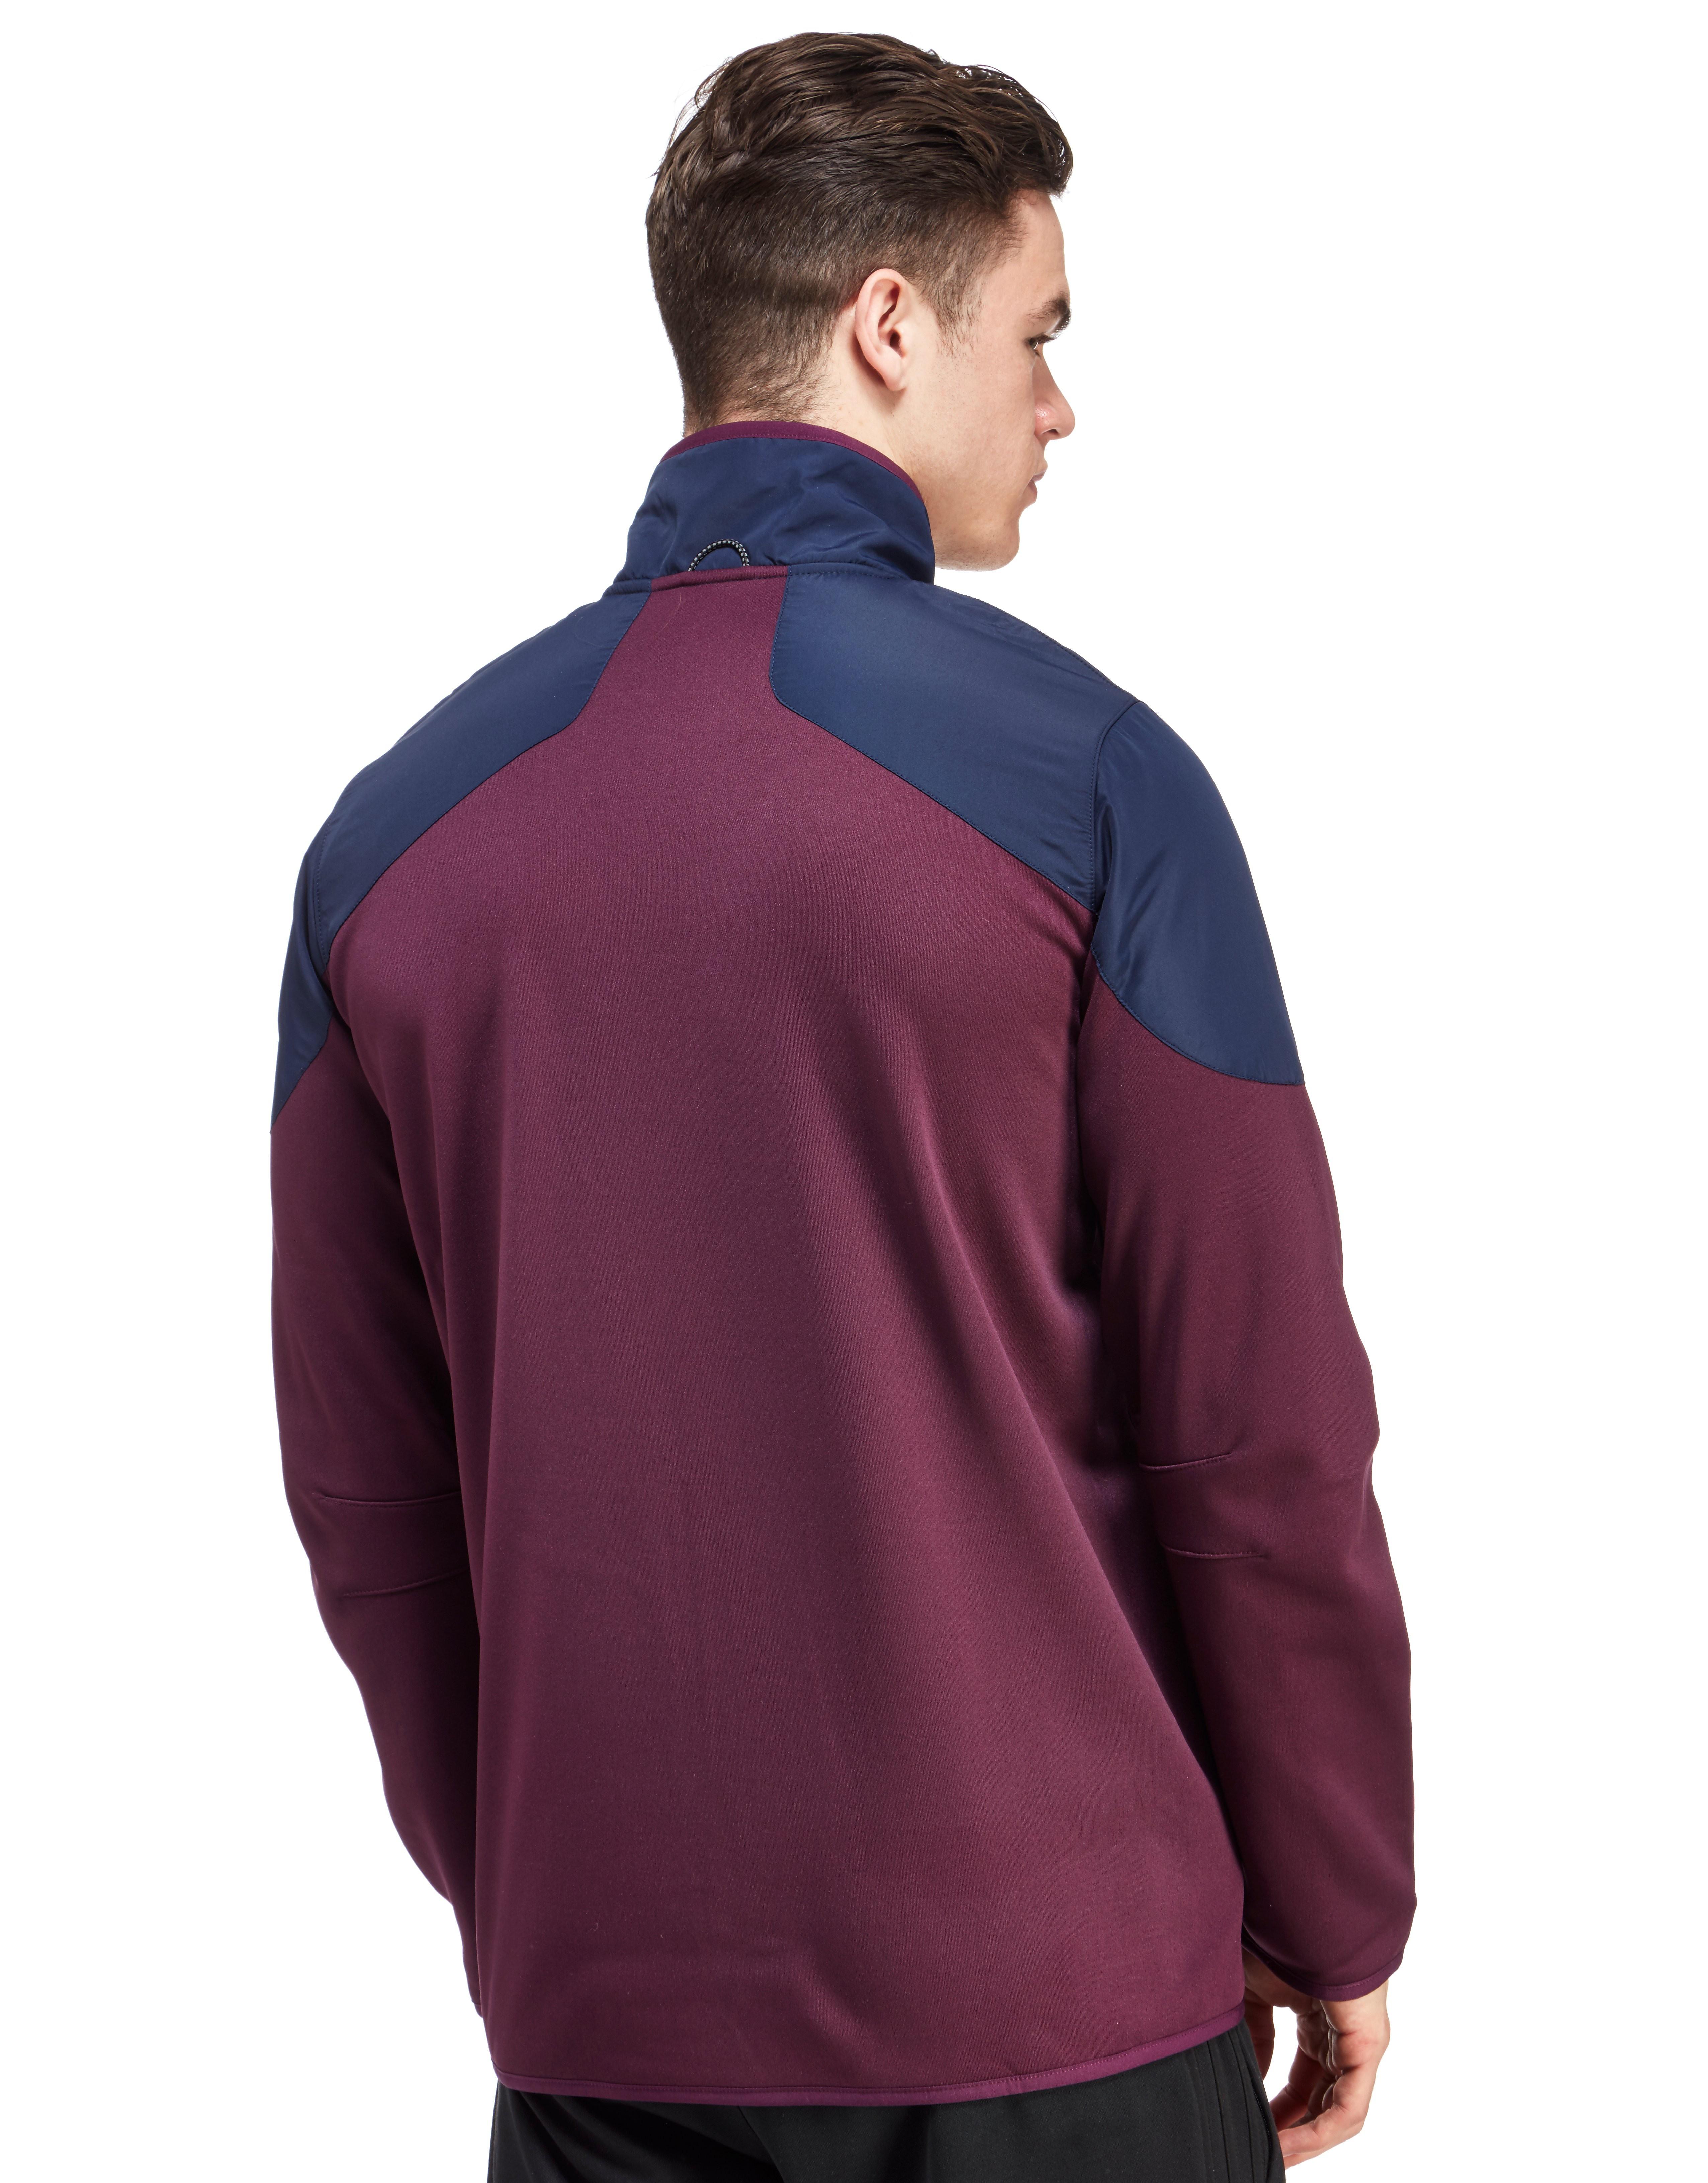 Canterbury Ireland RFU Thermal Layer Fleece